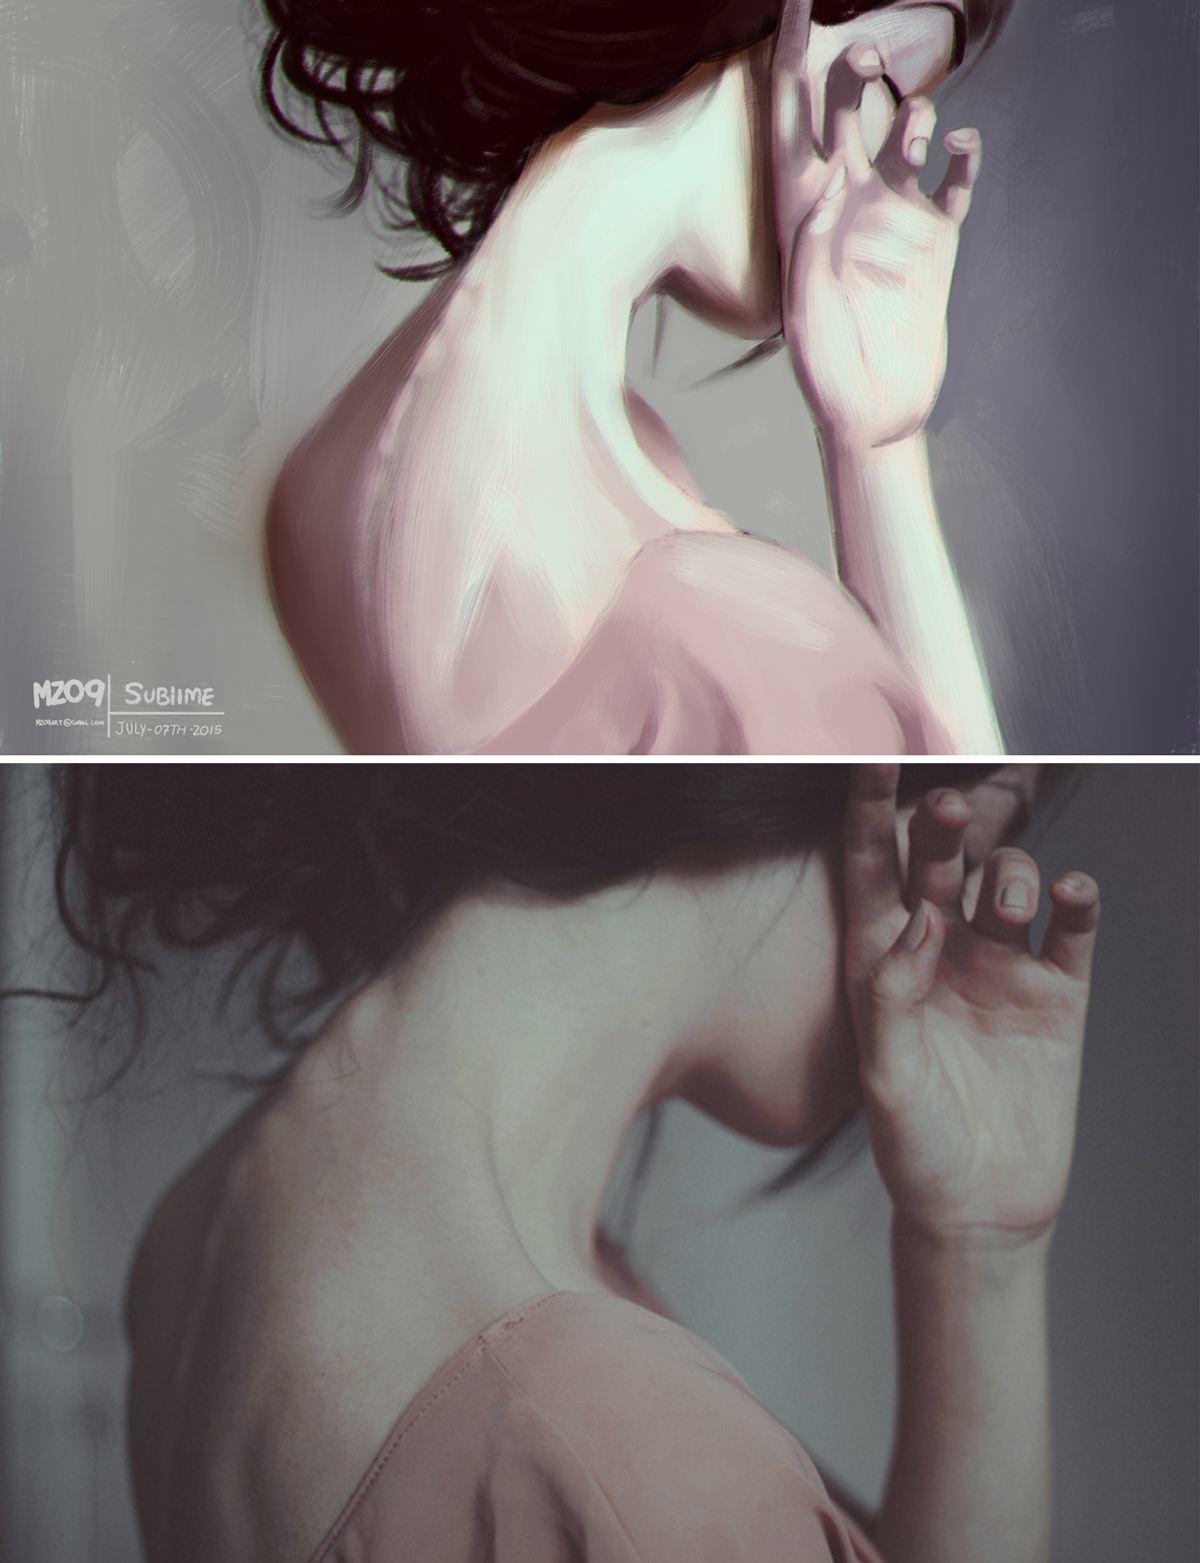 Transformando fotos reais em ilustracoes (3)